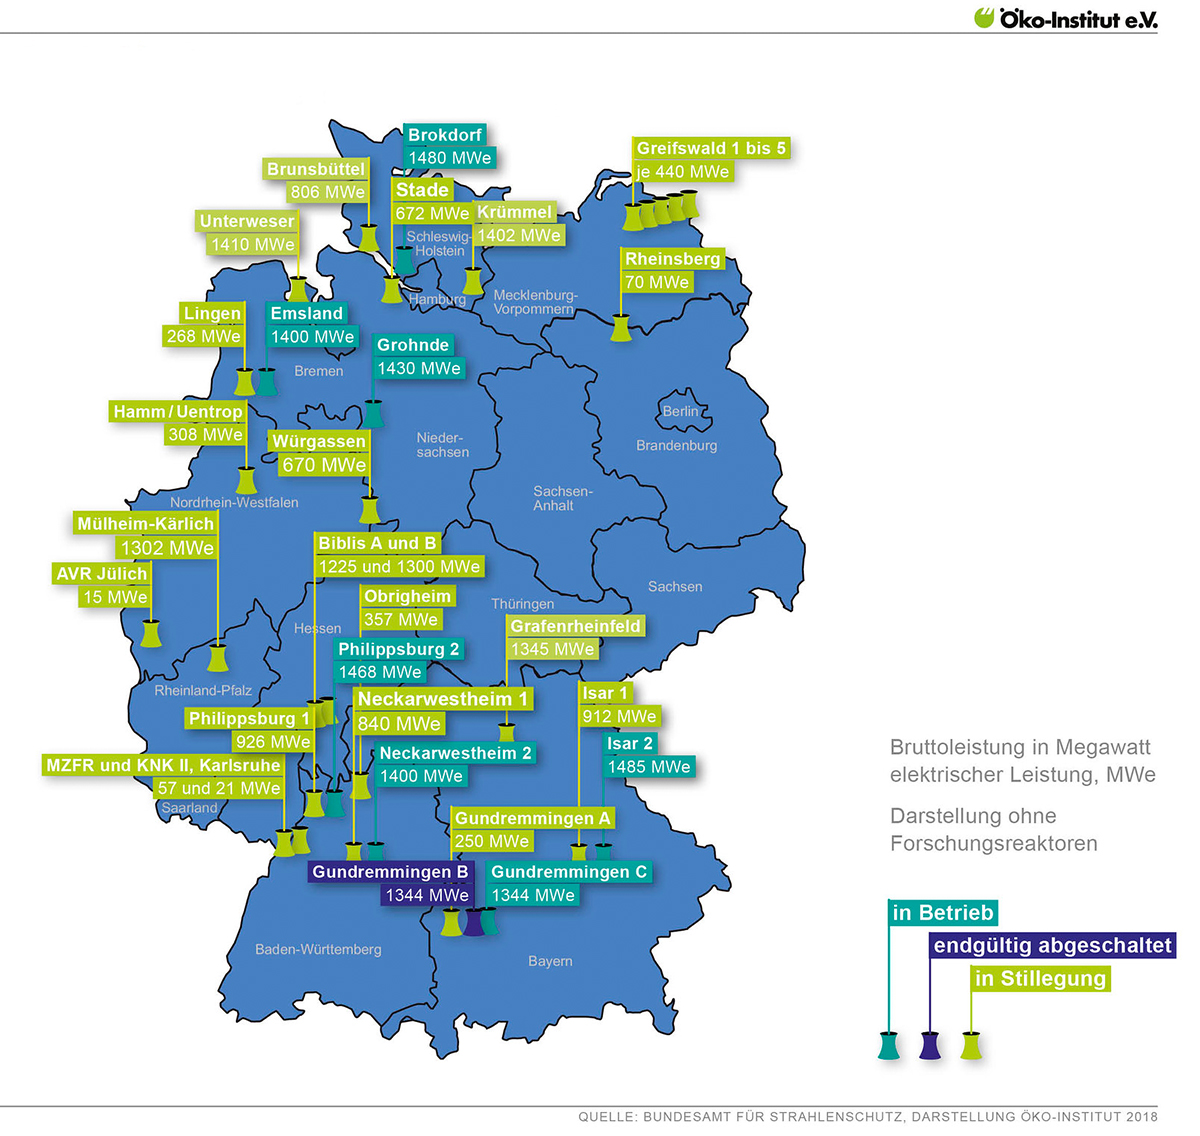 """<span class=""""img-caption""""> Kernkraftwerke in Deutschland - Anlagen in Betrieb, bgeschaltet und in Stilllegung.</span> <span class=""""img-copyright"""">© Oeko-Institut e.V./<a href=""""http://creativecommons.org/licenses/by/2.0"""">CC-by-sa 2.0</a></span>"""